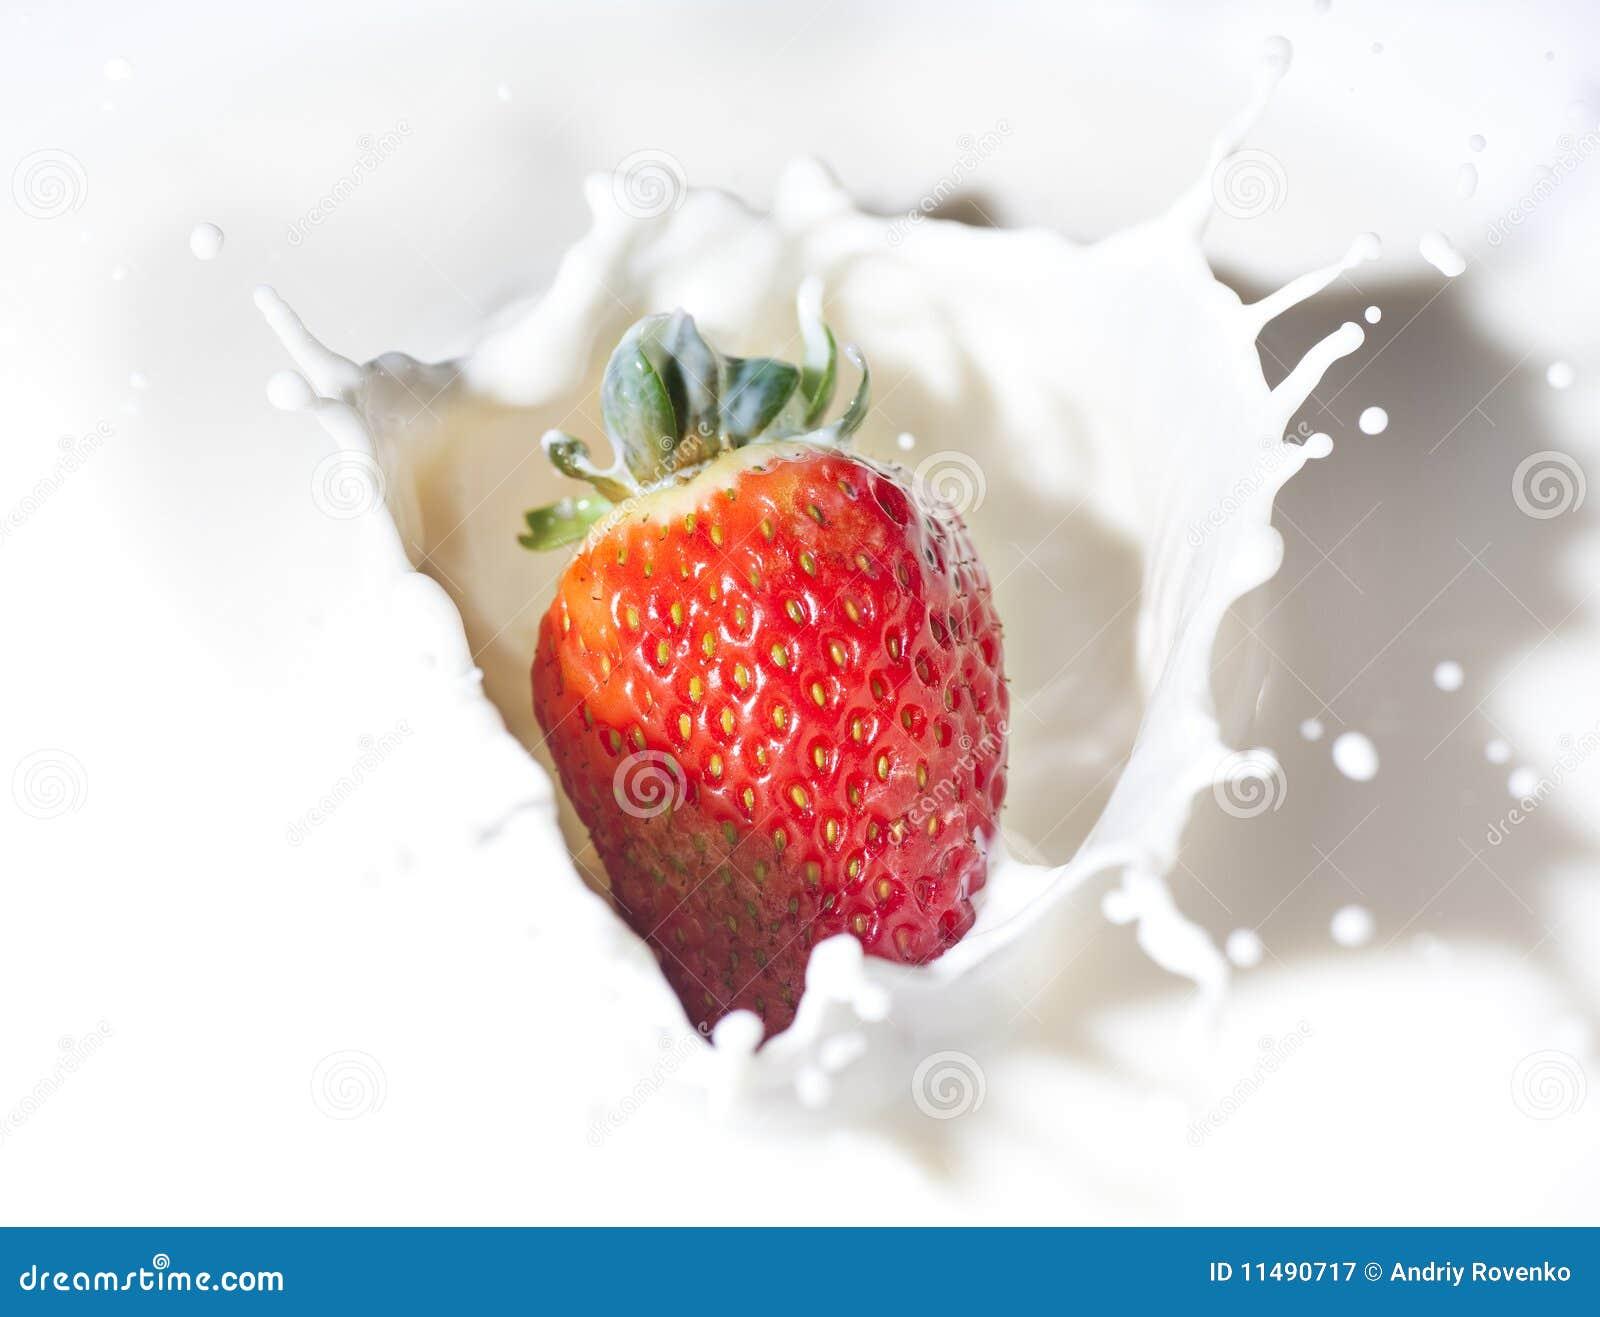 Fresa en una crema